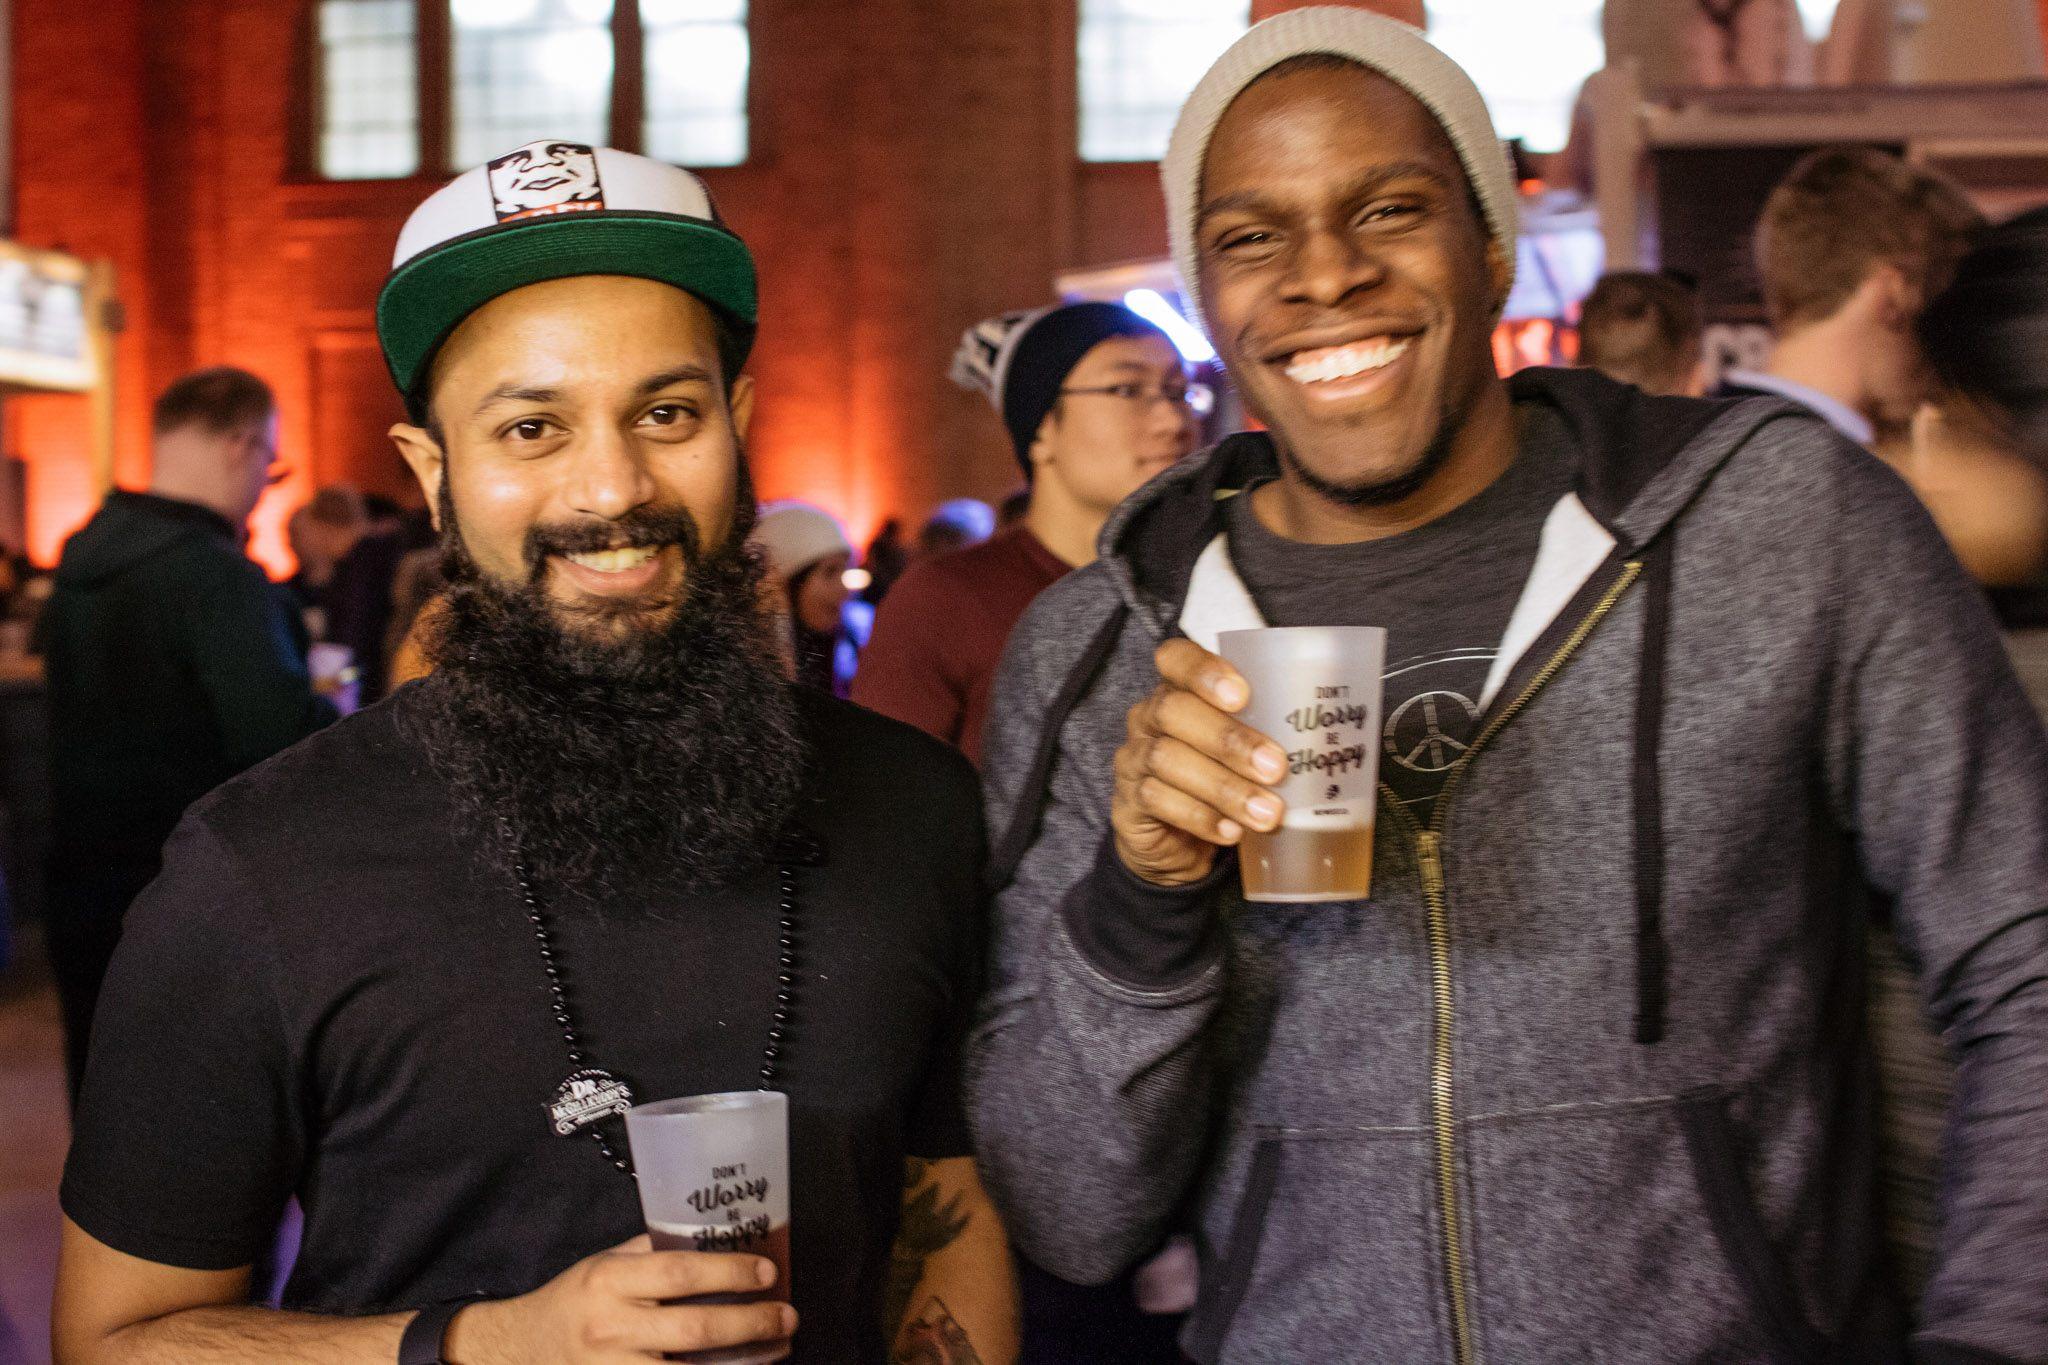 Winter brewfest 2018